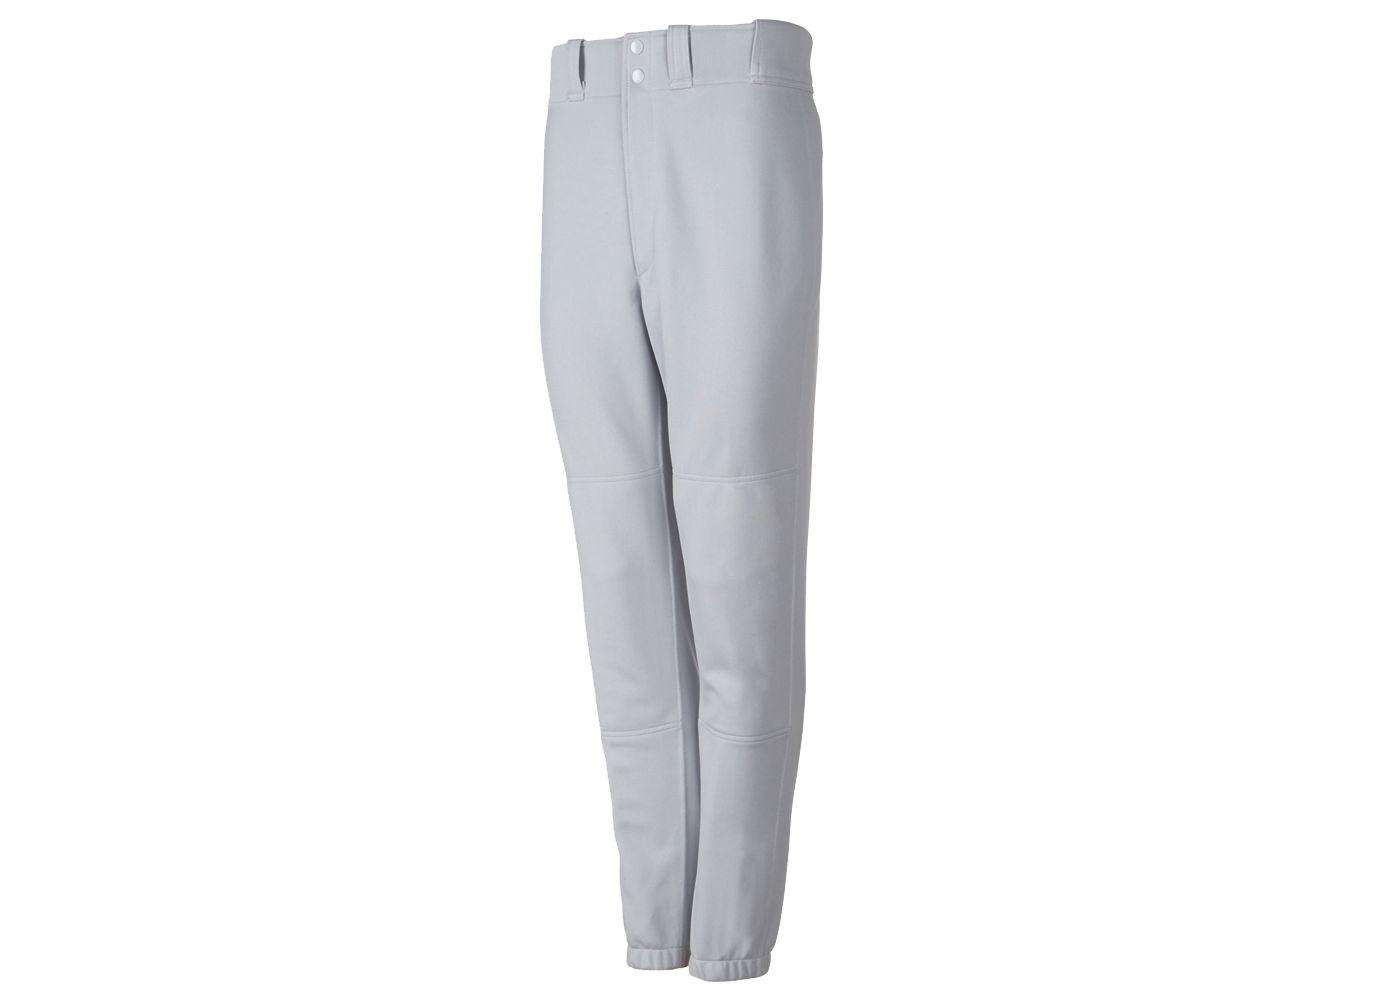 Mizuno Boys' Select Pro Baseball Pants